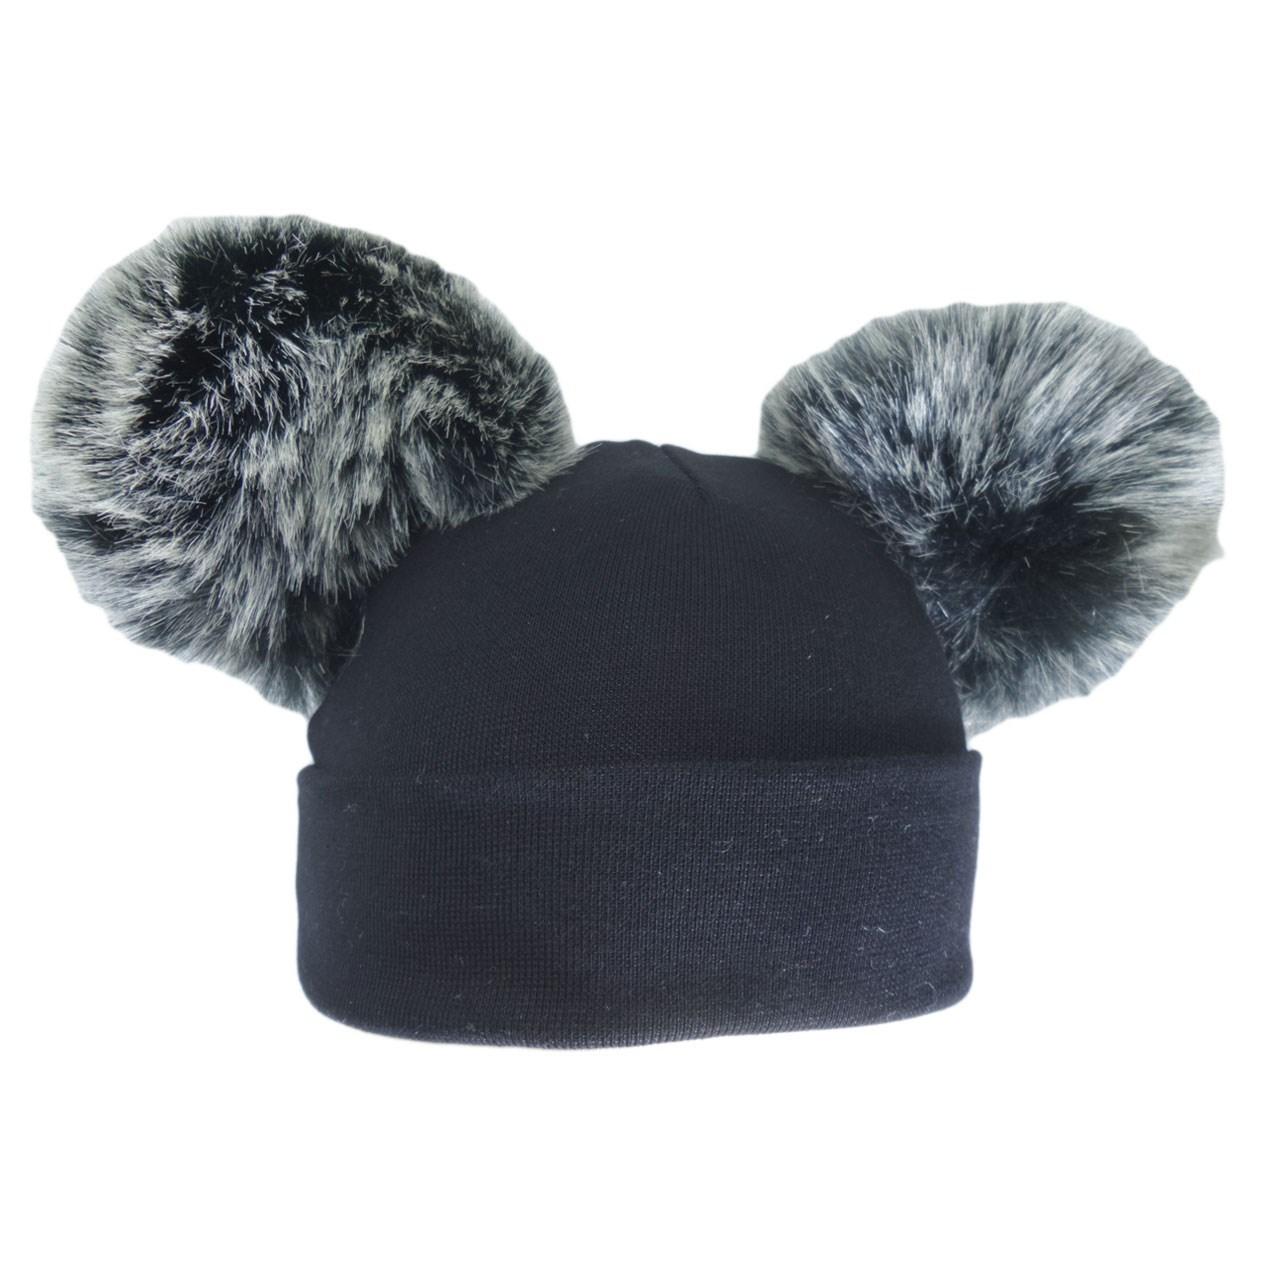 کلاه استرج پوم  پوم دارمدل مشکی پوم پوم زغالی